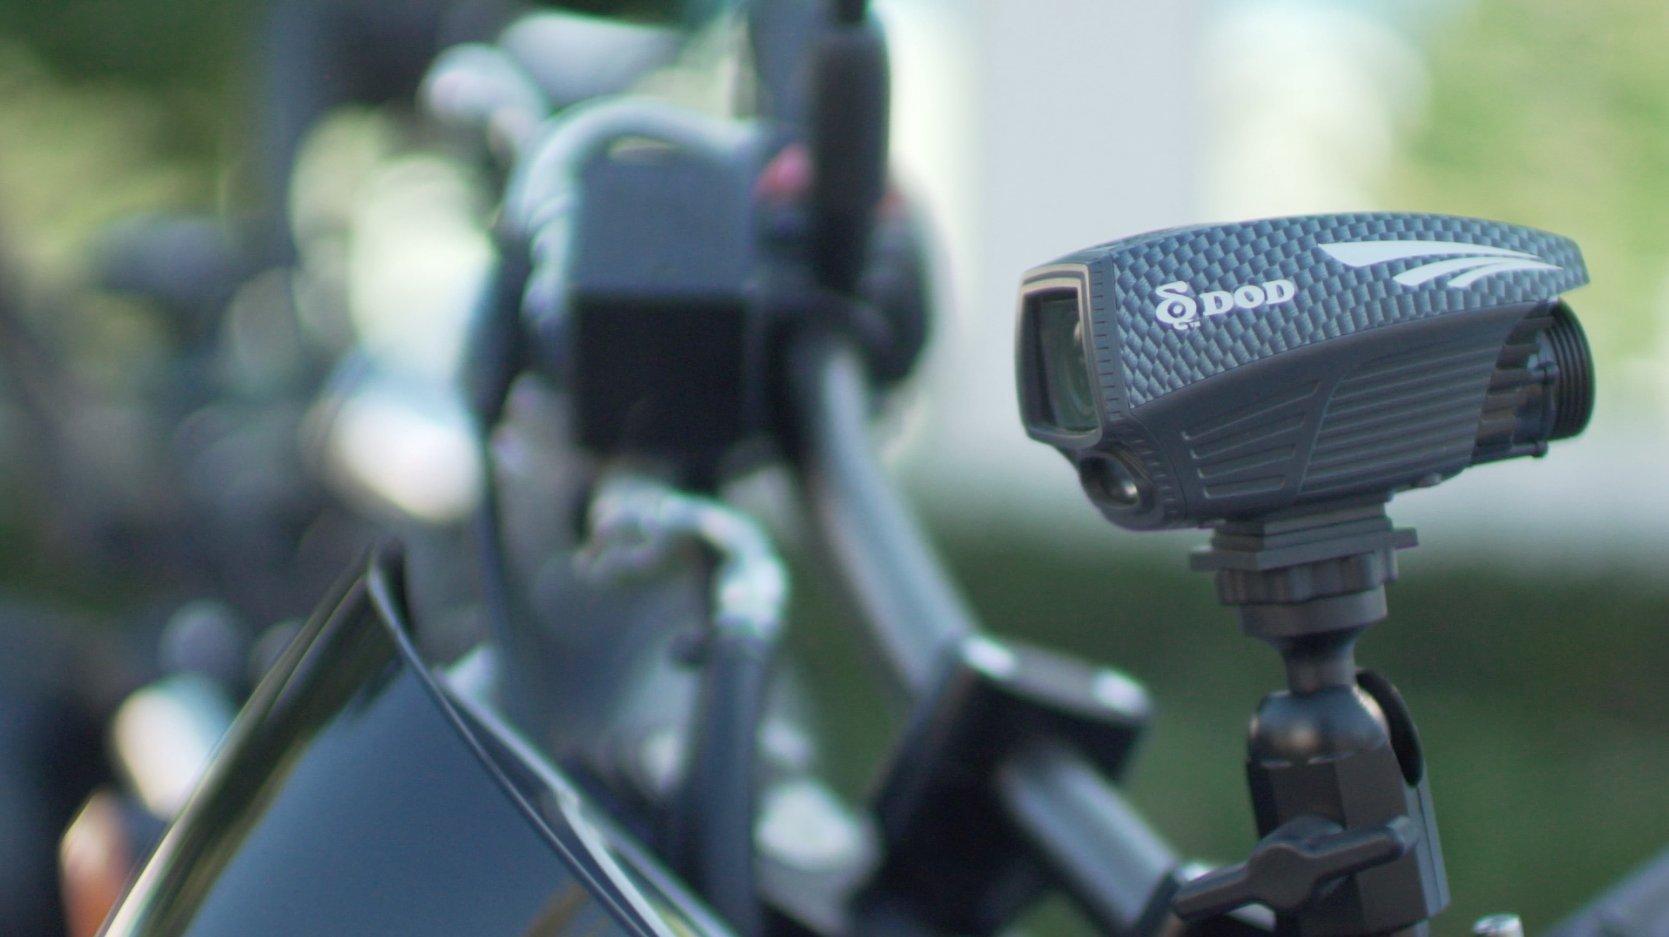 DOD TECH HUMMER HUMMER Bike Cam, 1.5'', Black by DOD TECH (Image #8)